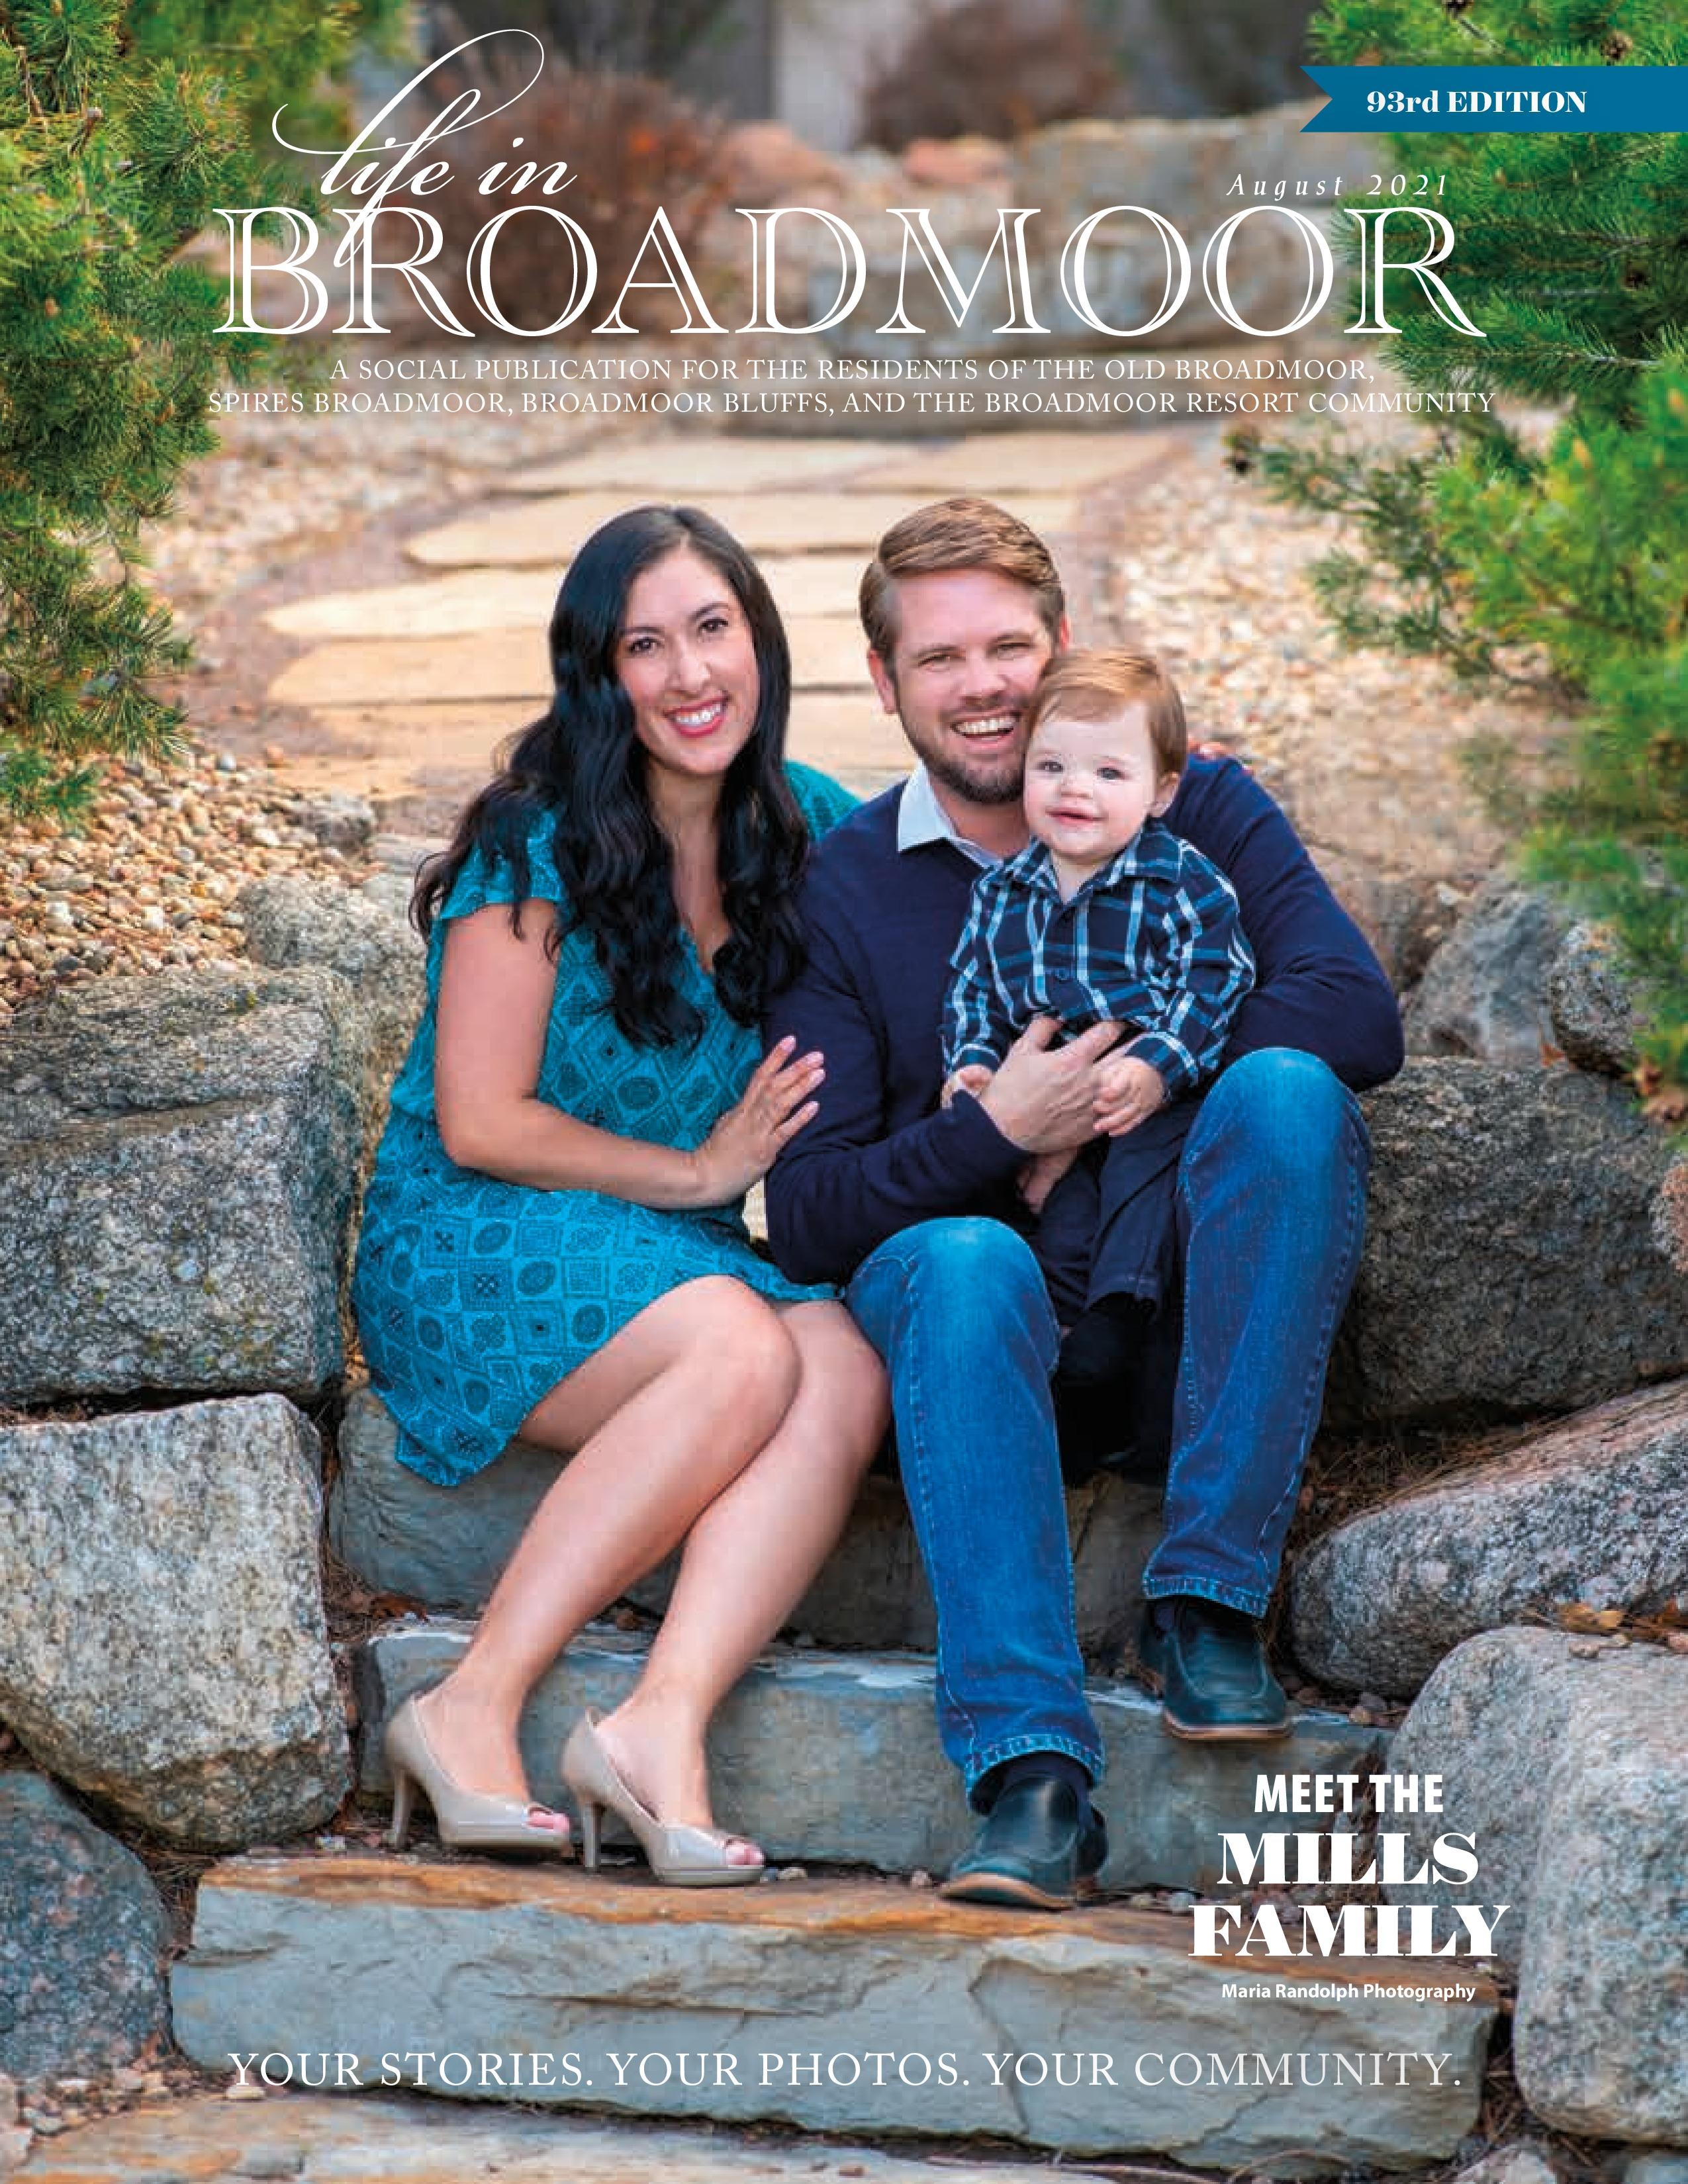 Life in Broadmoor 2021-08-01